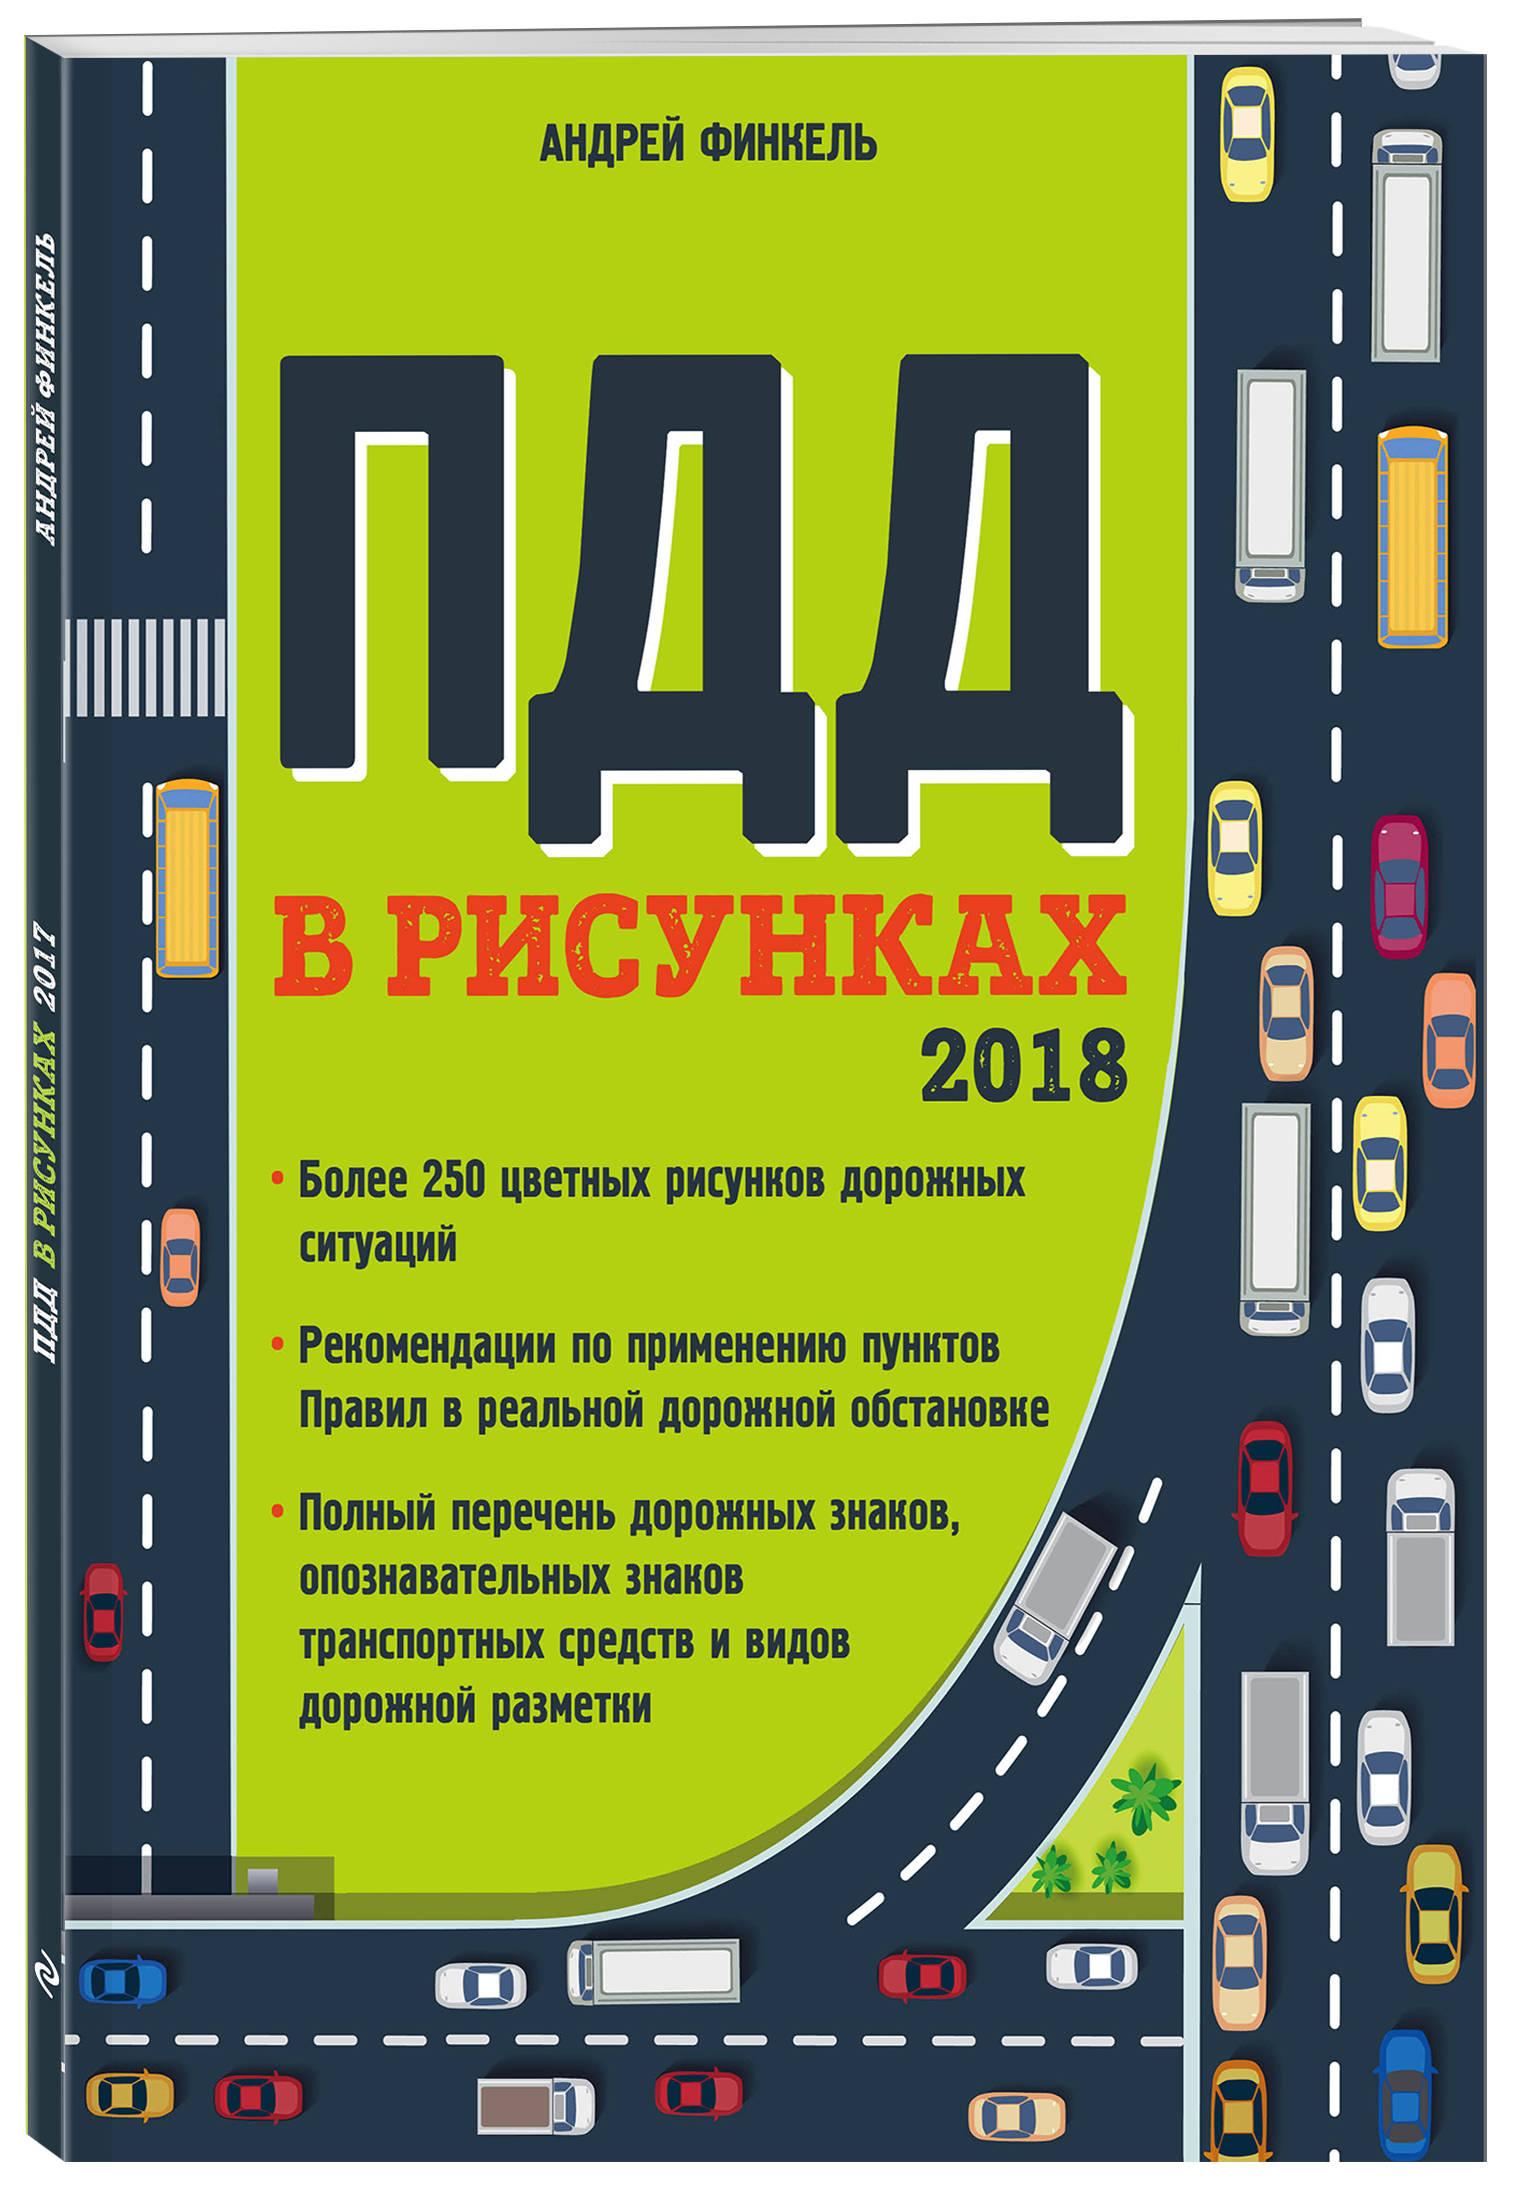 Финкель А.Е. Правила дорожного движения в рисунках (редакция 2018 г.)